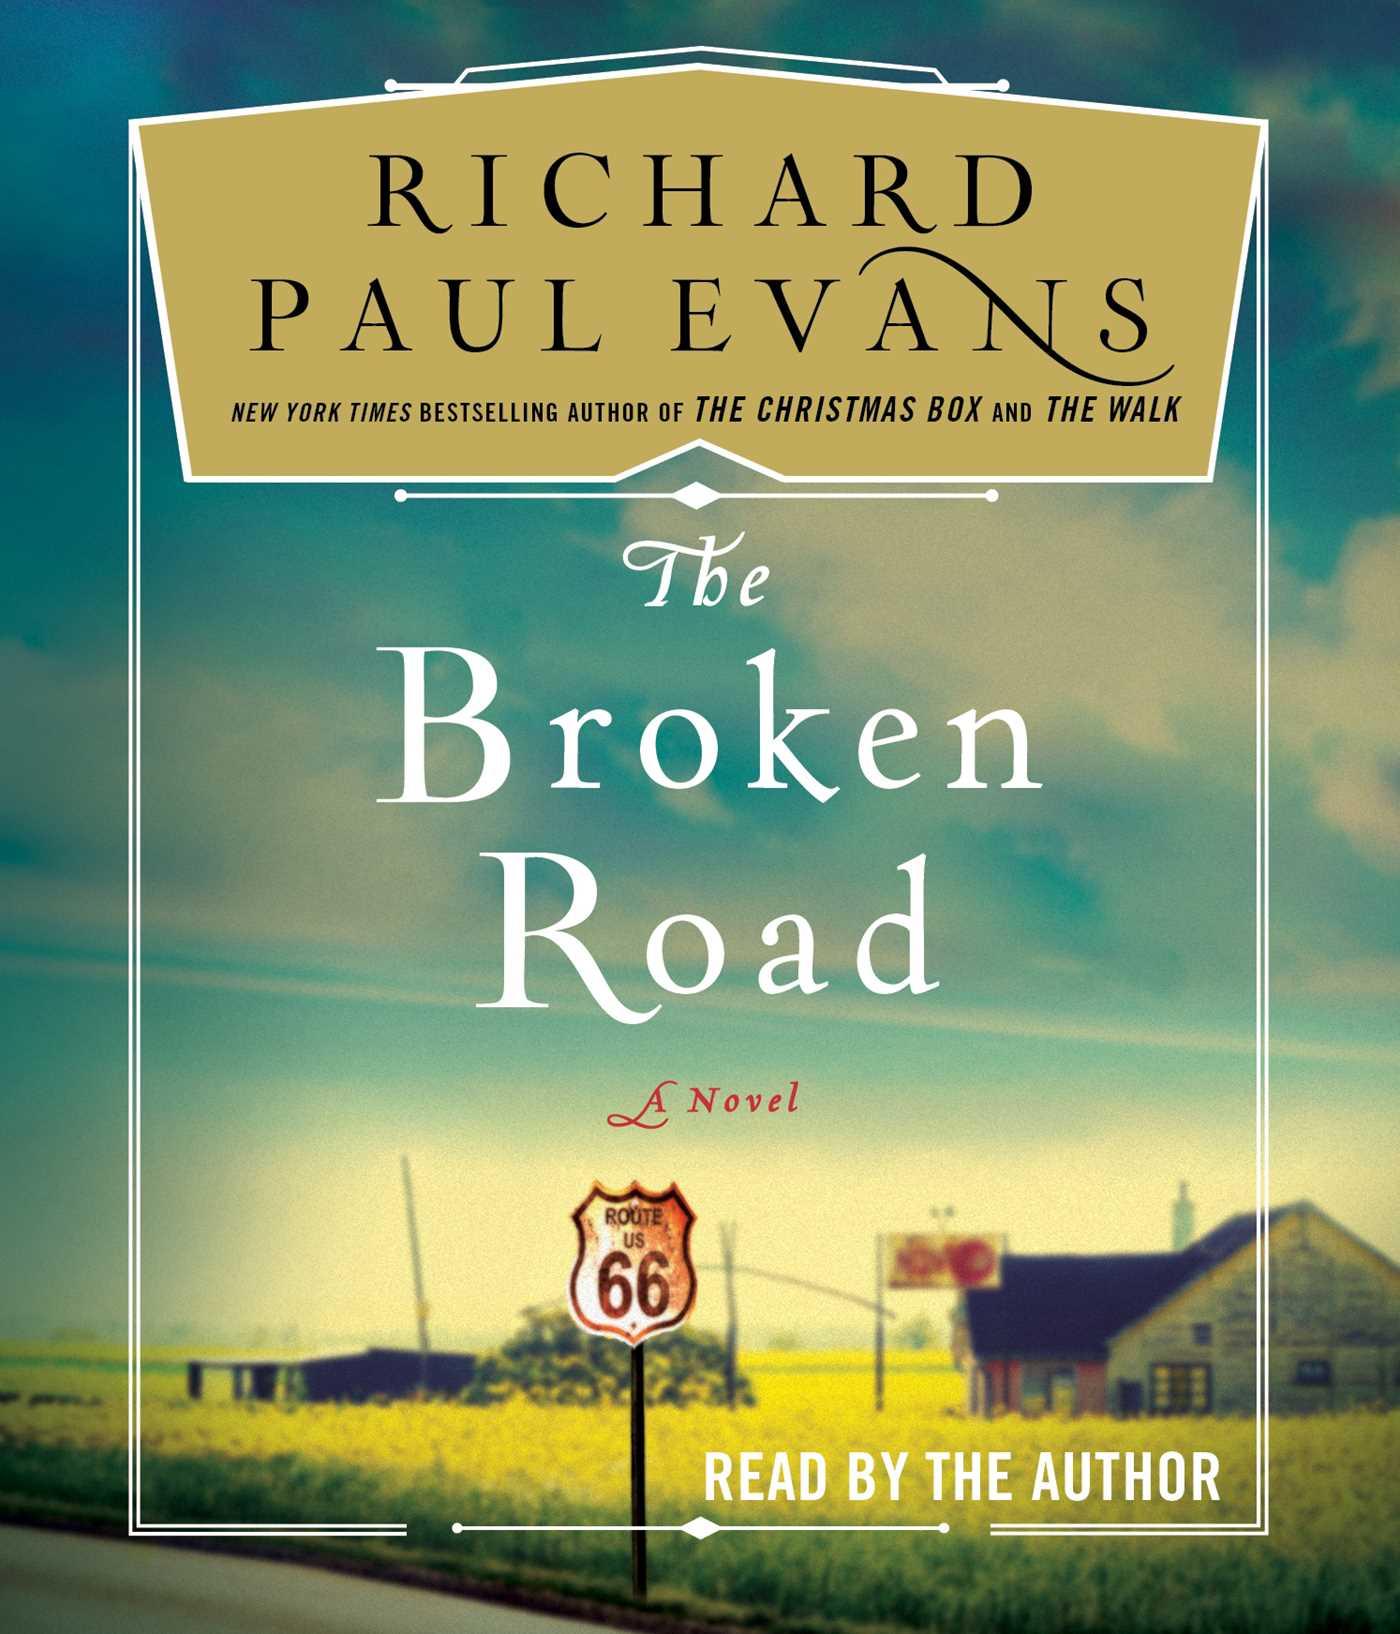 The broken road 9781442388383 hr